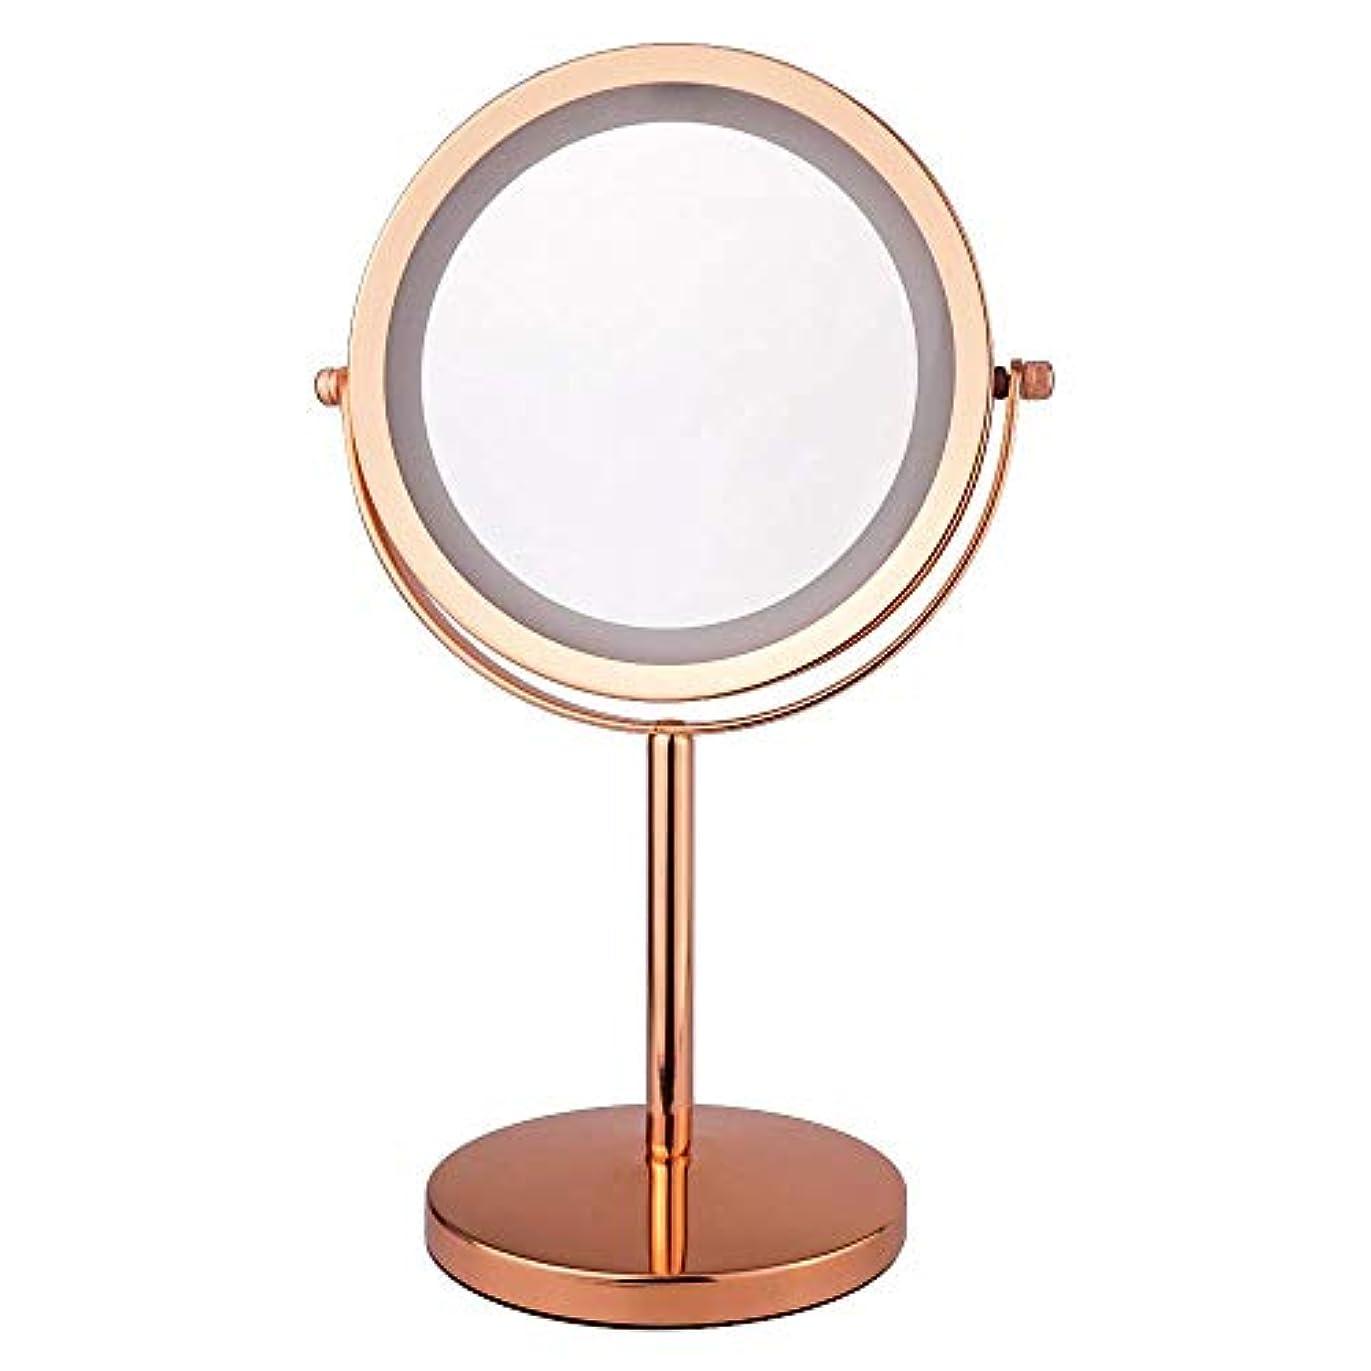 法王入射エイズ化粧鏡 5倍 拡大鏡 付き led ミラー LED 両面 鏡 卓上 スタンドミラー メイク 360度回転スタンドミラー